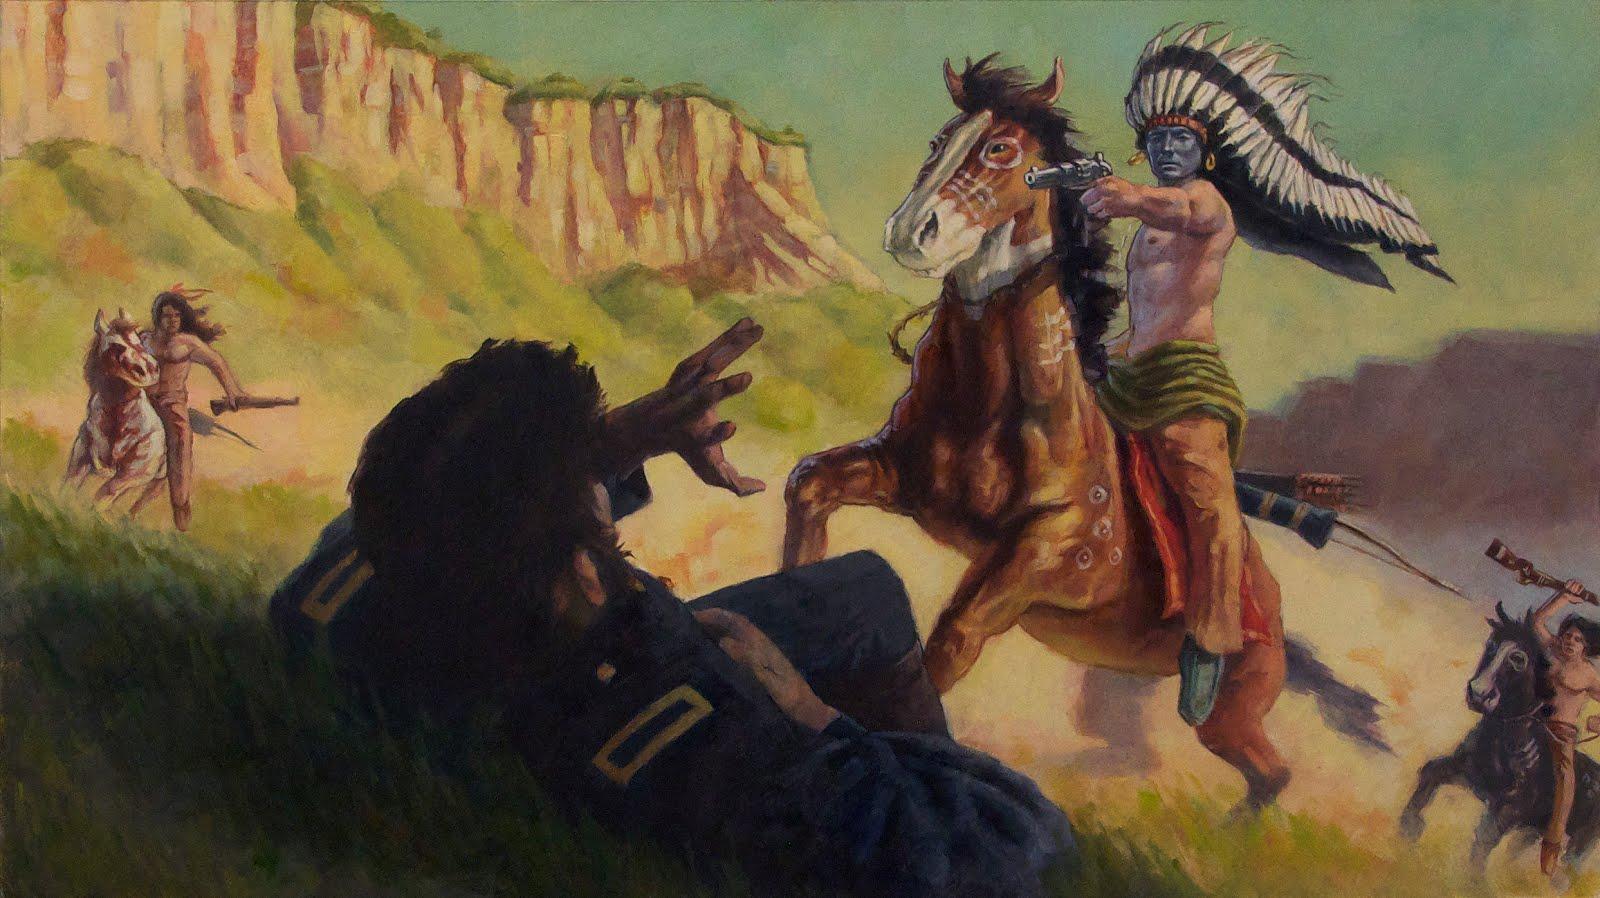 bernard lee illustration: March 2012